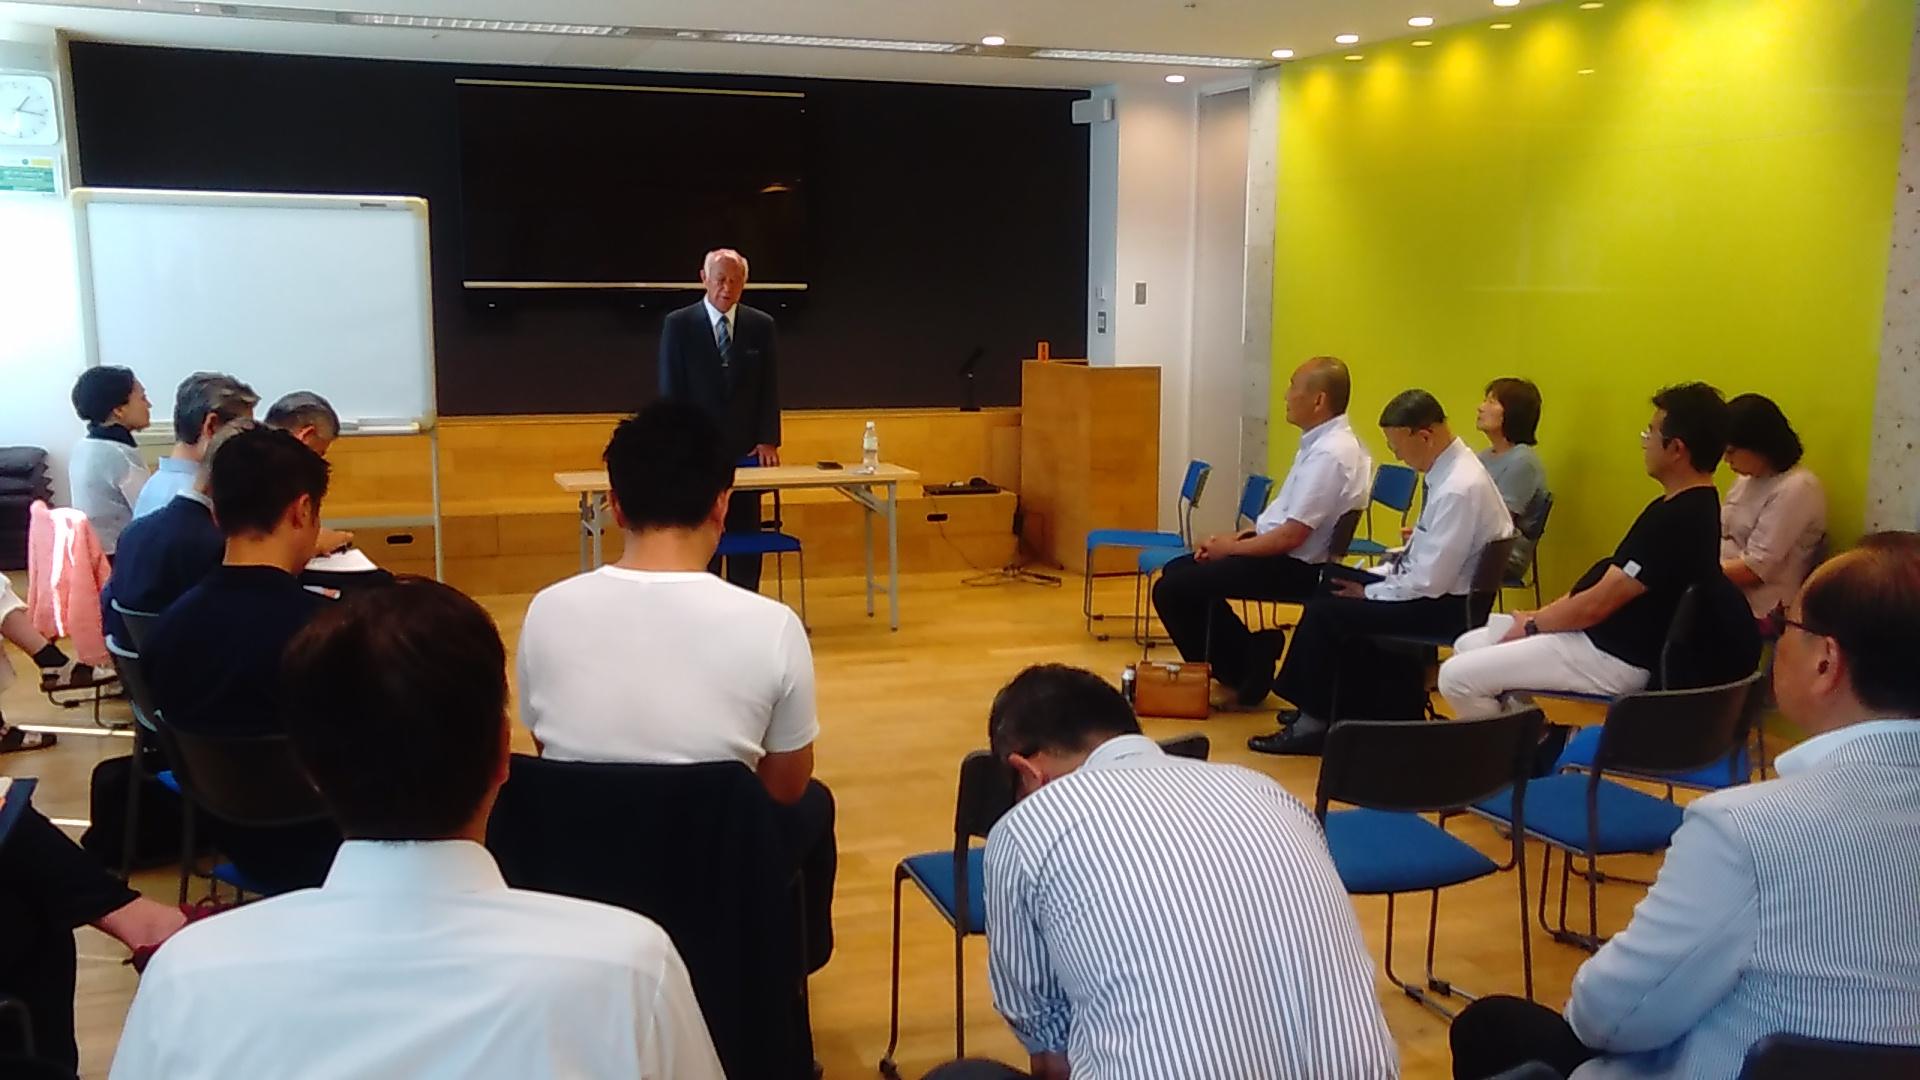 KIMG1391 - 第5回東京思風塾「使命を見つけ出すための6つの問いとは」をテーマに開催